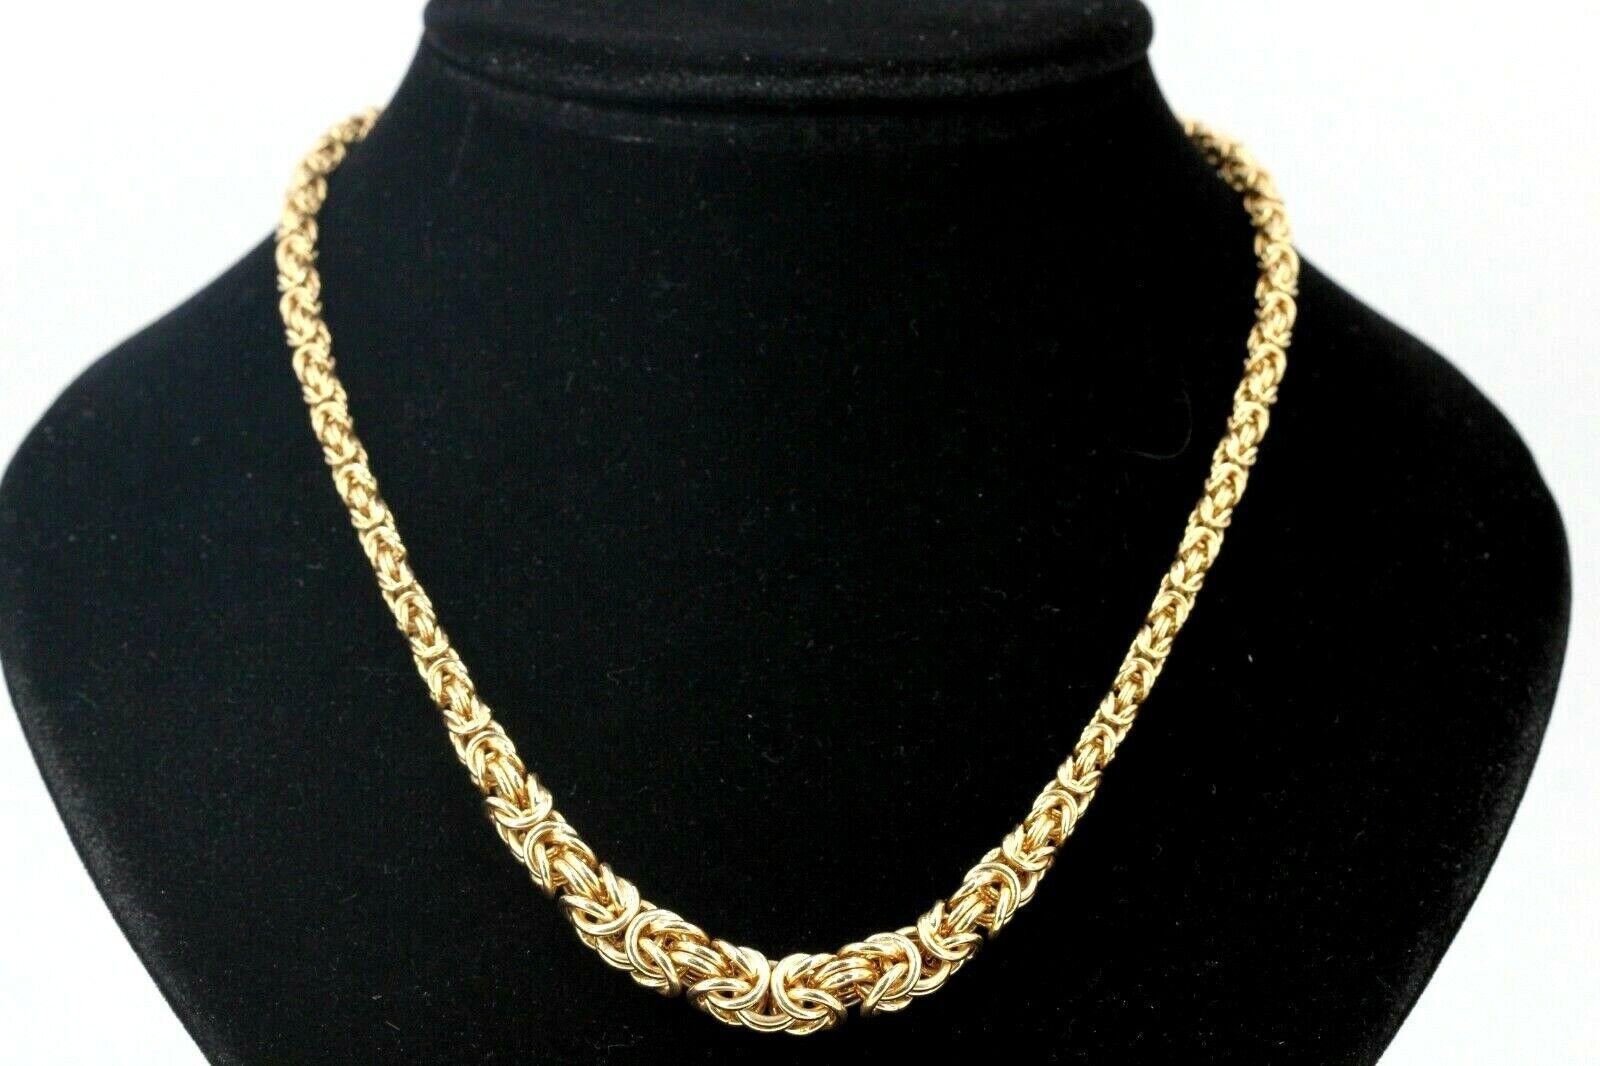 Königs Kette Gold 375 9K Gelbgold Gewicht 16,69g Verlauf 46cm Breite bis 8,2mm